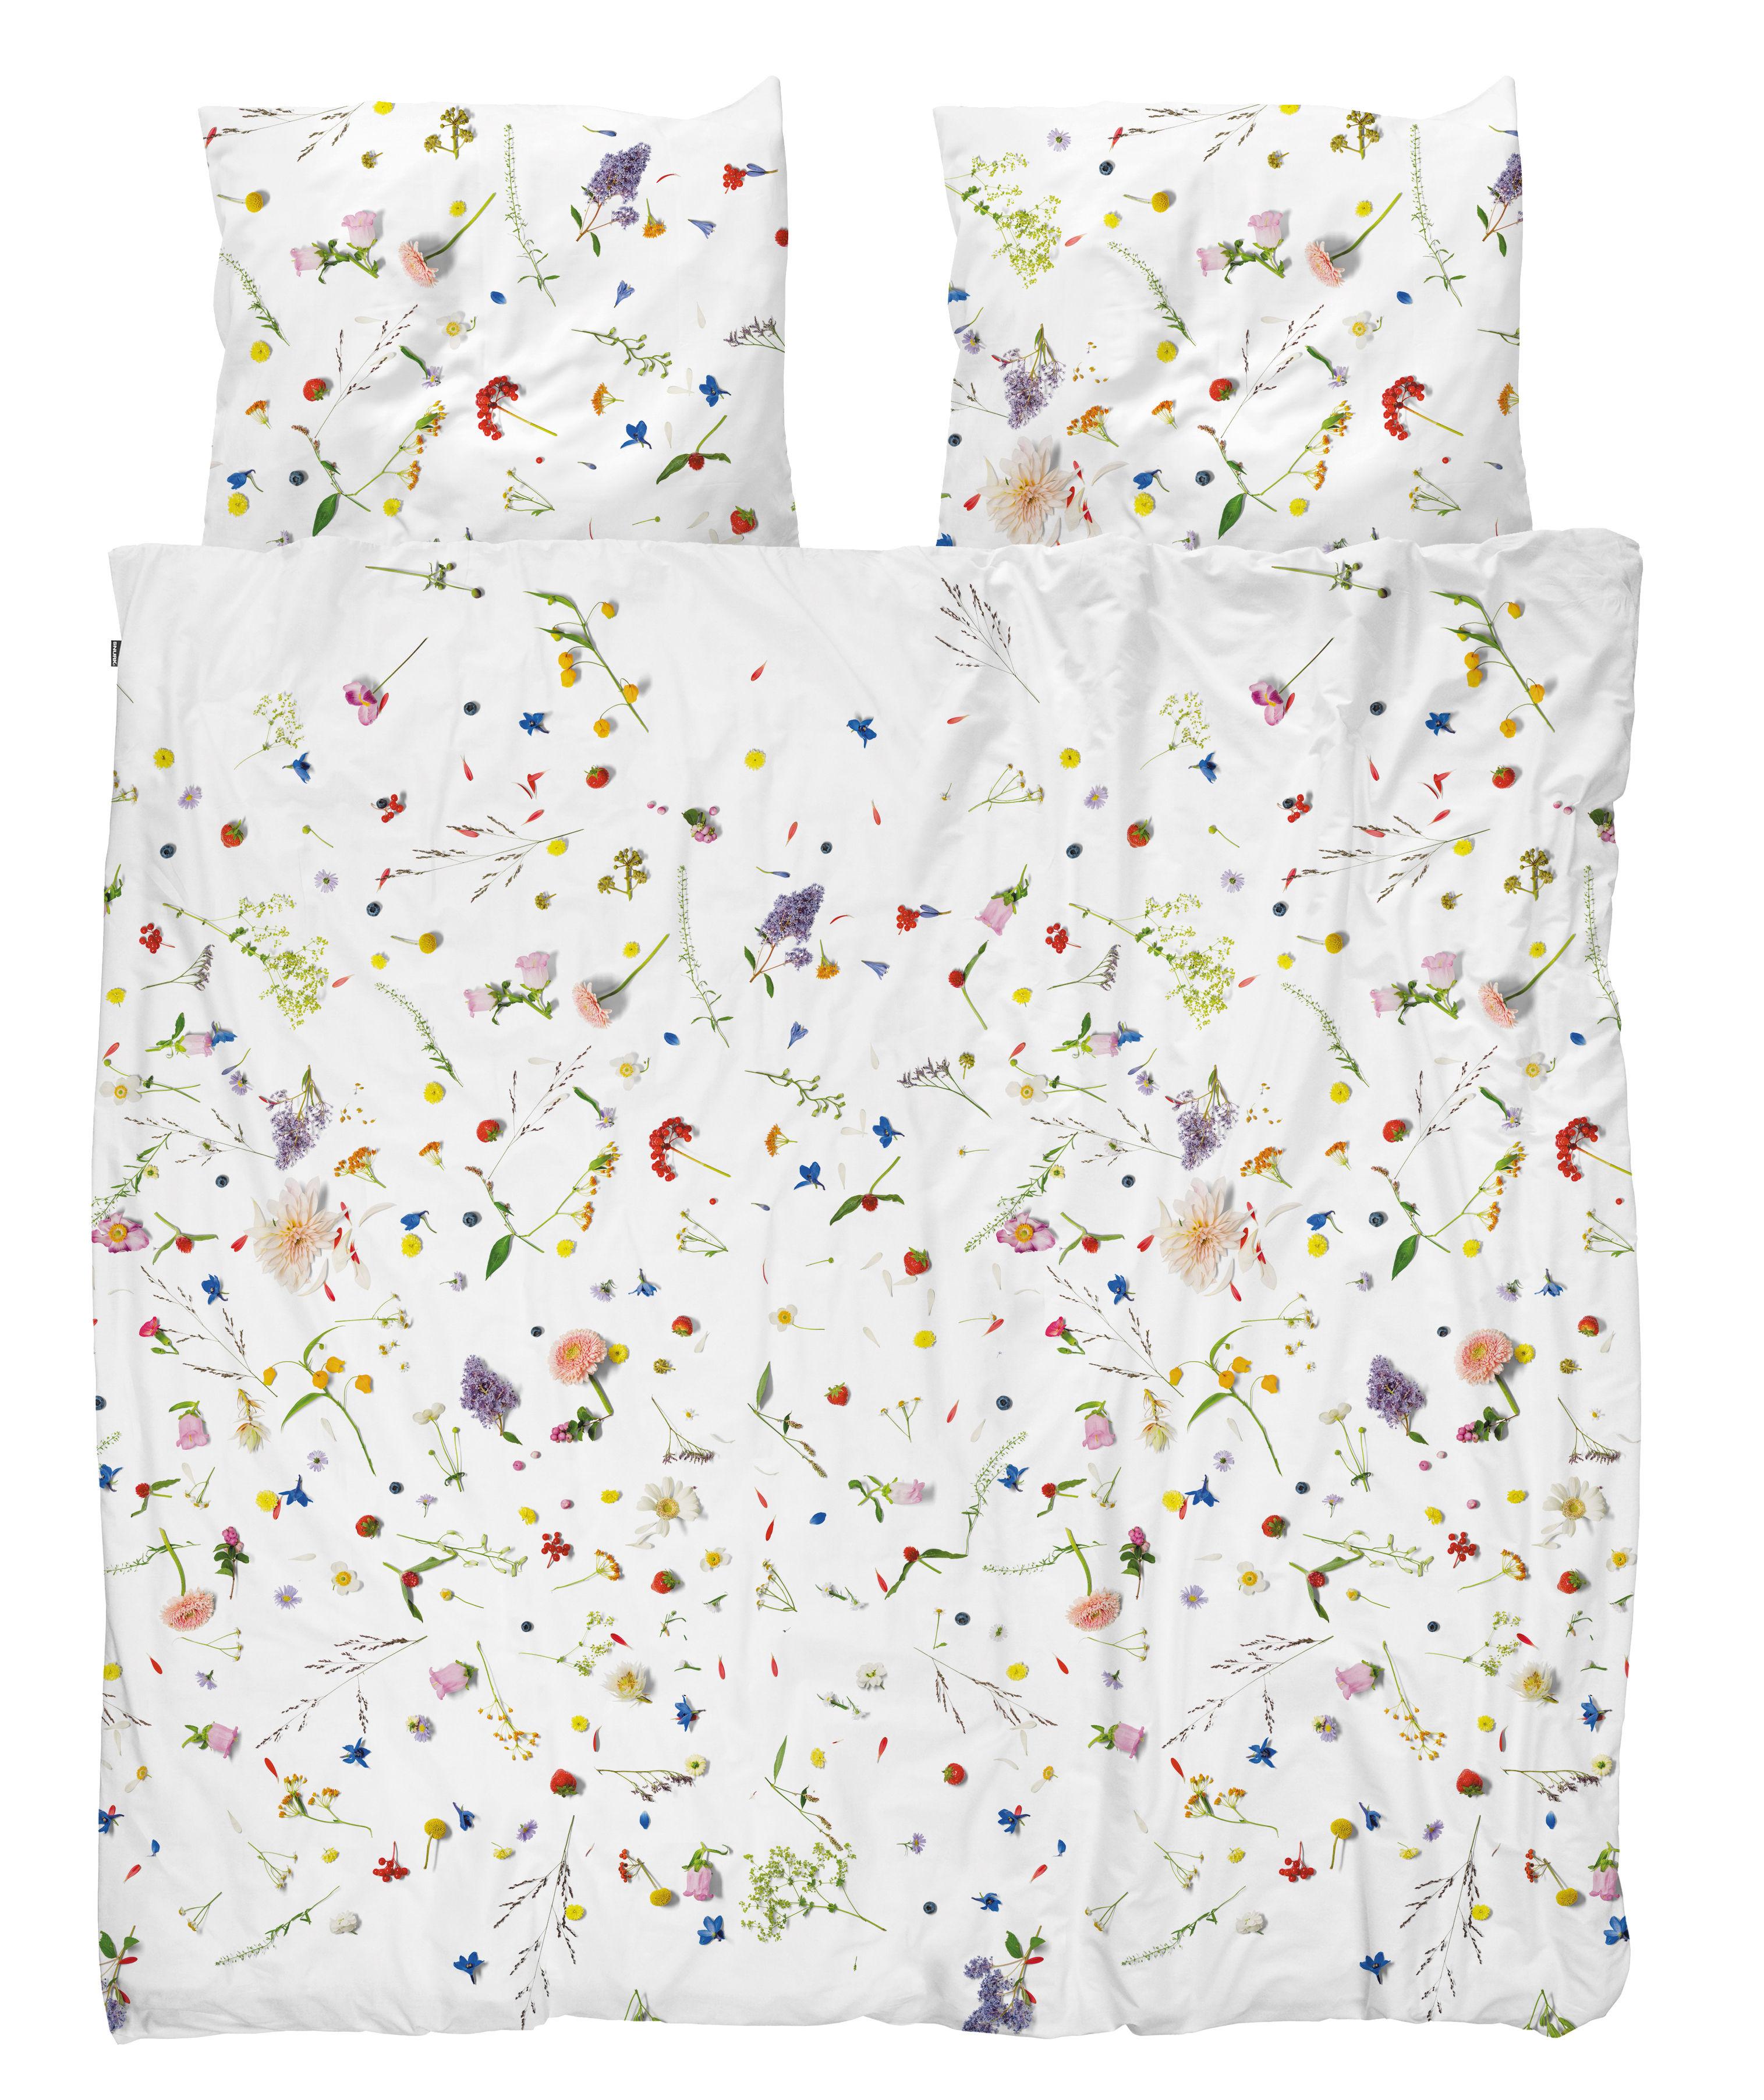 Dekoration - Wohntextilien - Flower Fields Bettwäsche-Set für 2 Personen / 3-teilig, für 2 Personen - 240 x 220 cm - Snurk - Blumen mehrfarbig - Percale de coton